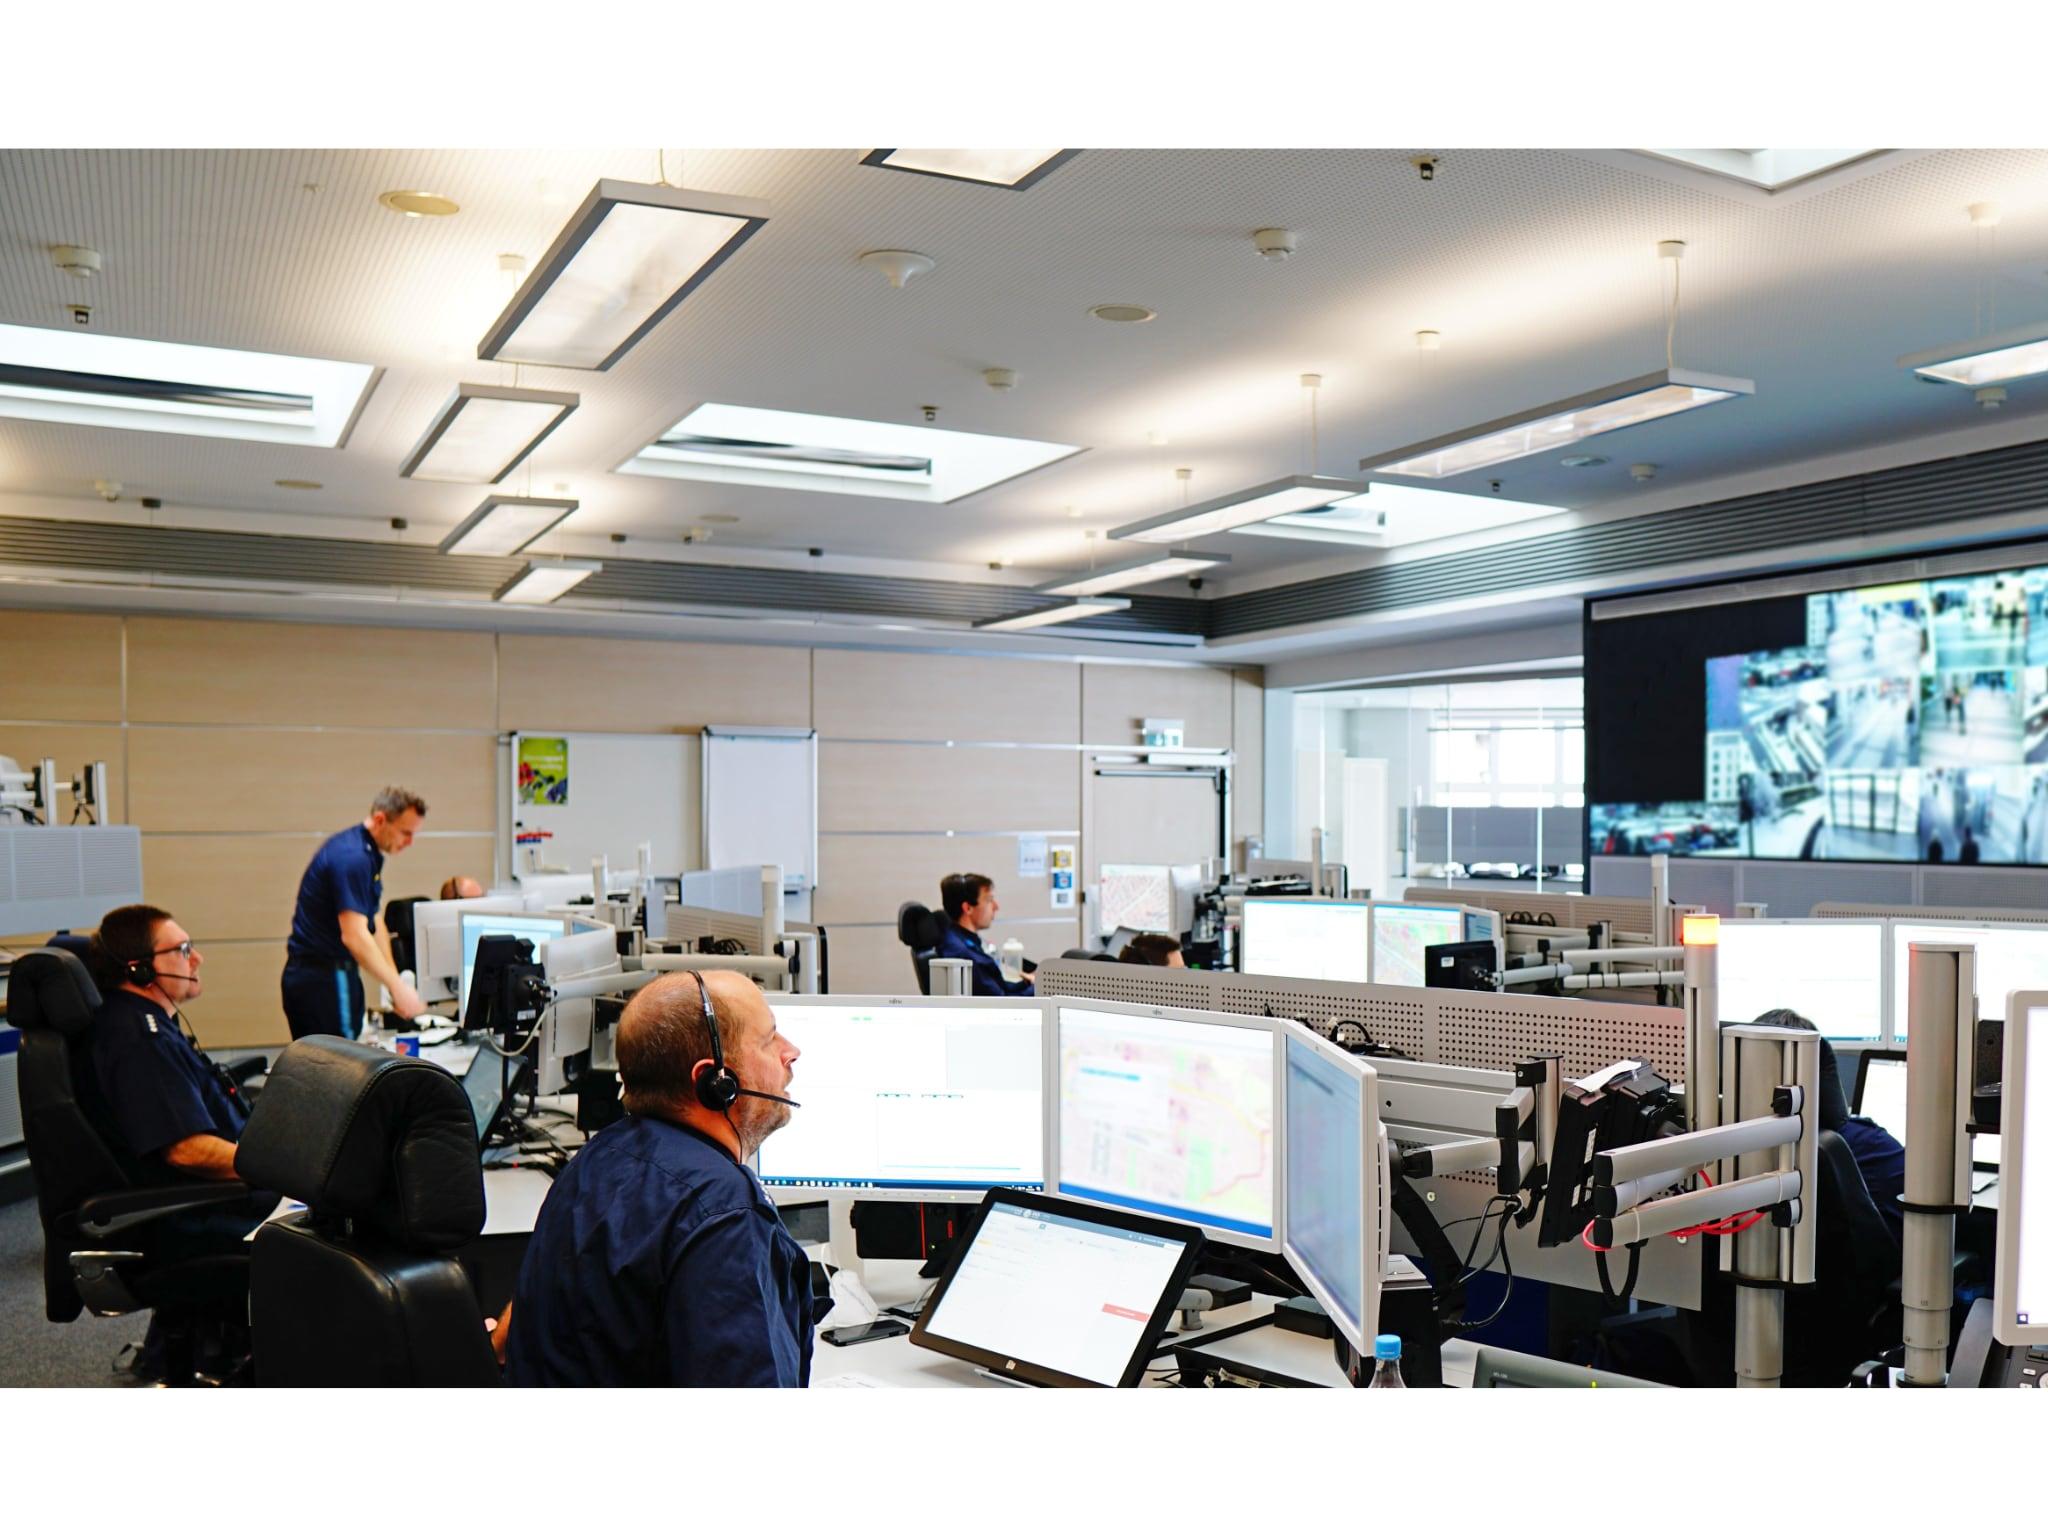 88 Beschäftigte sorgen im Schichtbetrieb für eine Rund-um-die-Uhr-Erreichbarkeit des Polizeinotrufs. Foto: Polizei Mittelfranken